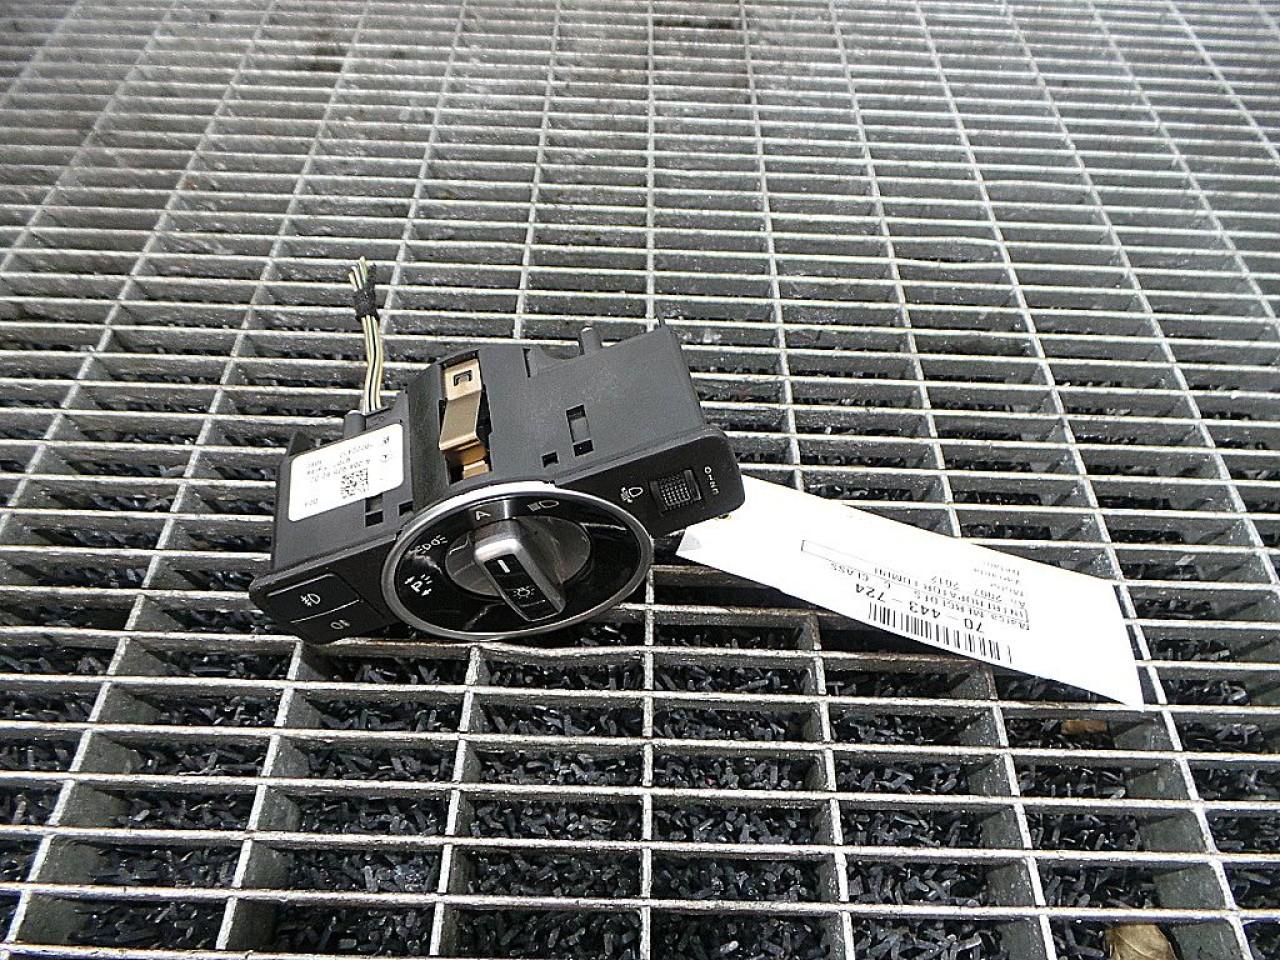 INTRERUPATOR LUMINI MERCEDES-BENZ C-CLASS (W204) C 350 CDI 4-matic (204.089) diesel (2007 - 01-2014-01)